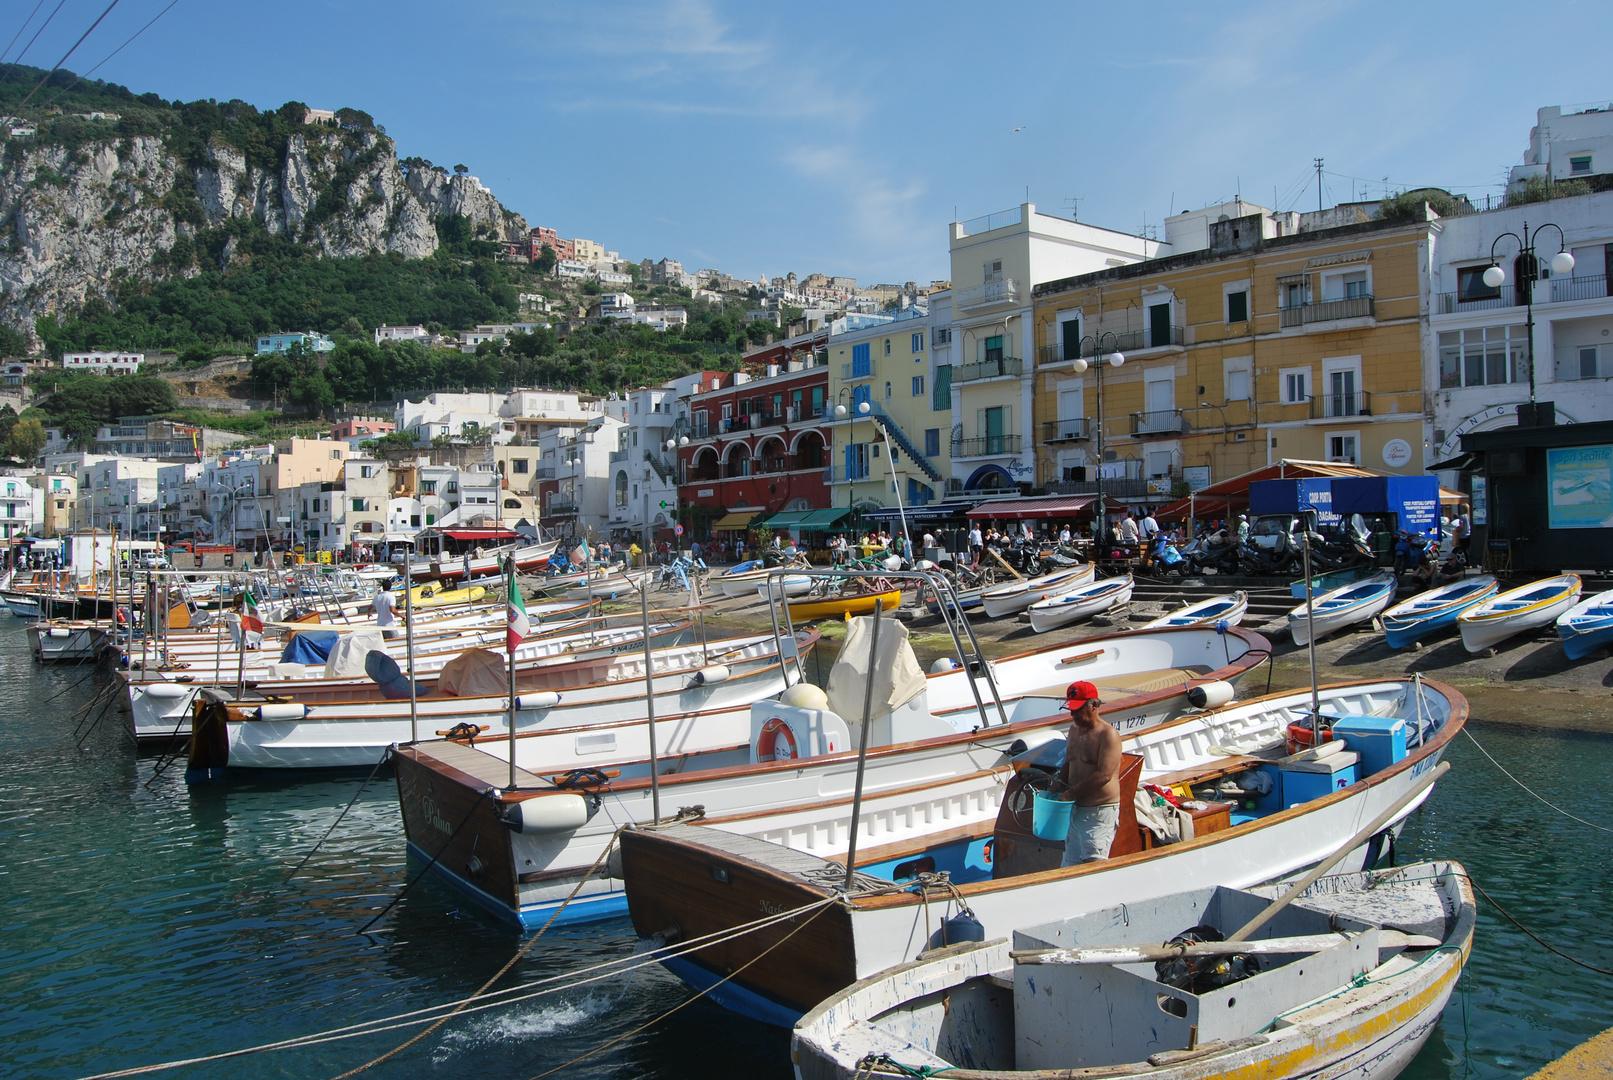 Hafen Insel Capri